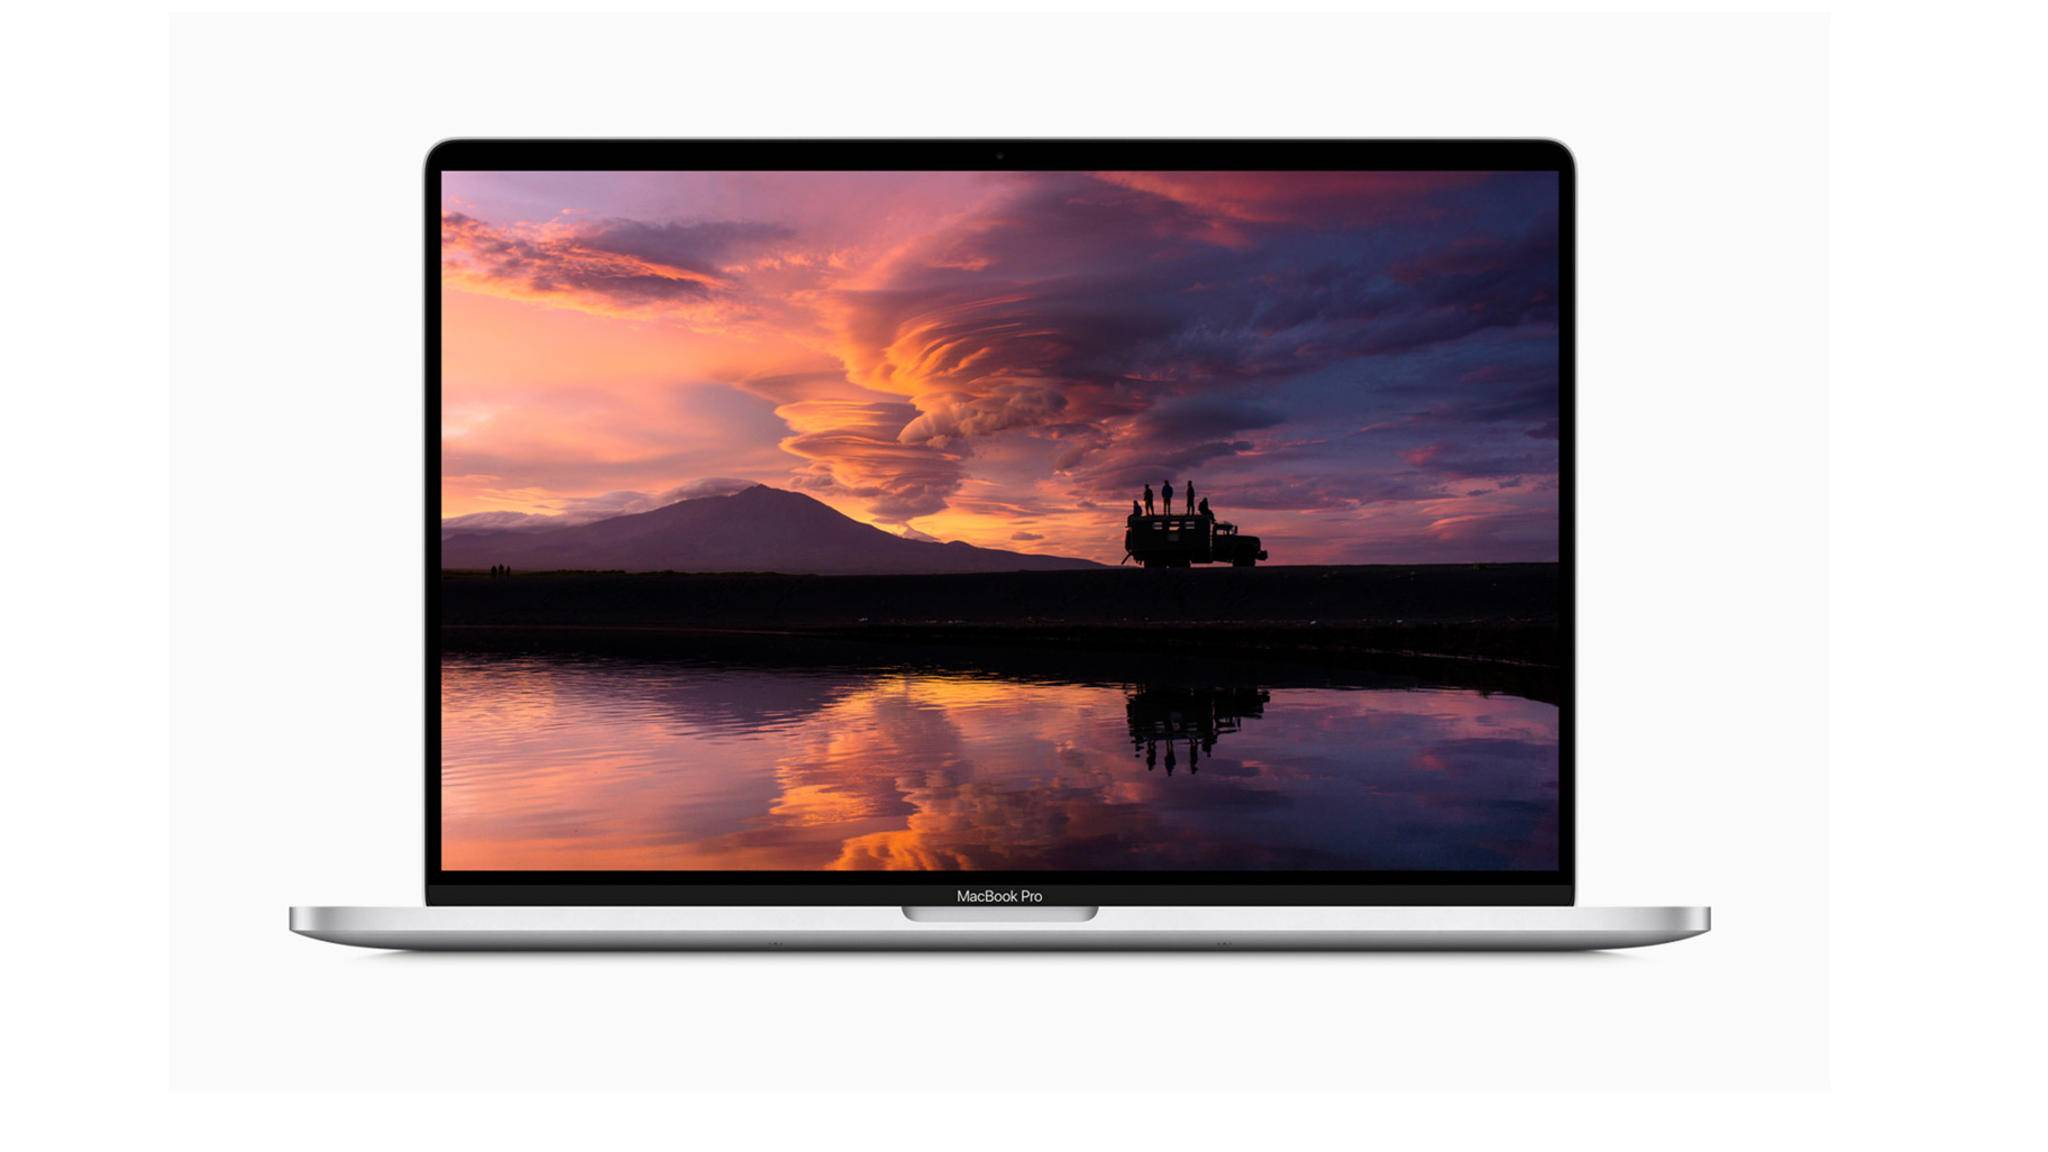 macbook-pro-16-display